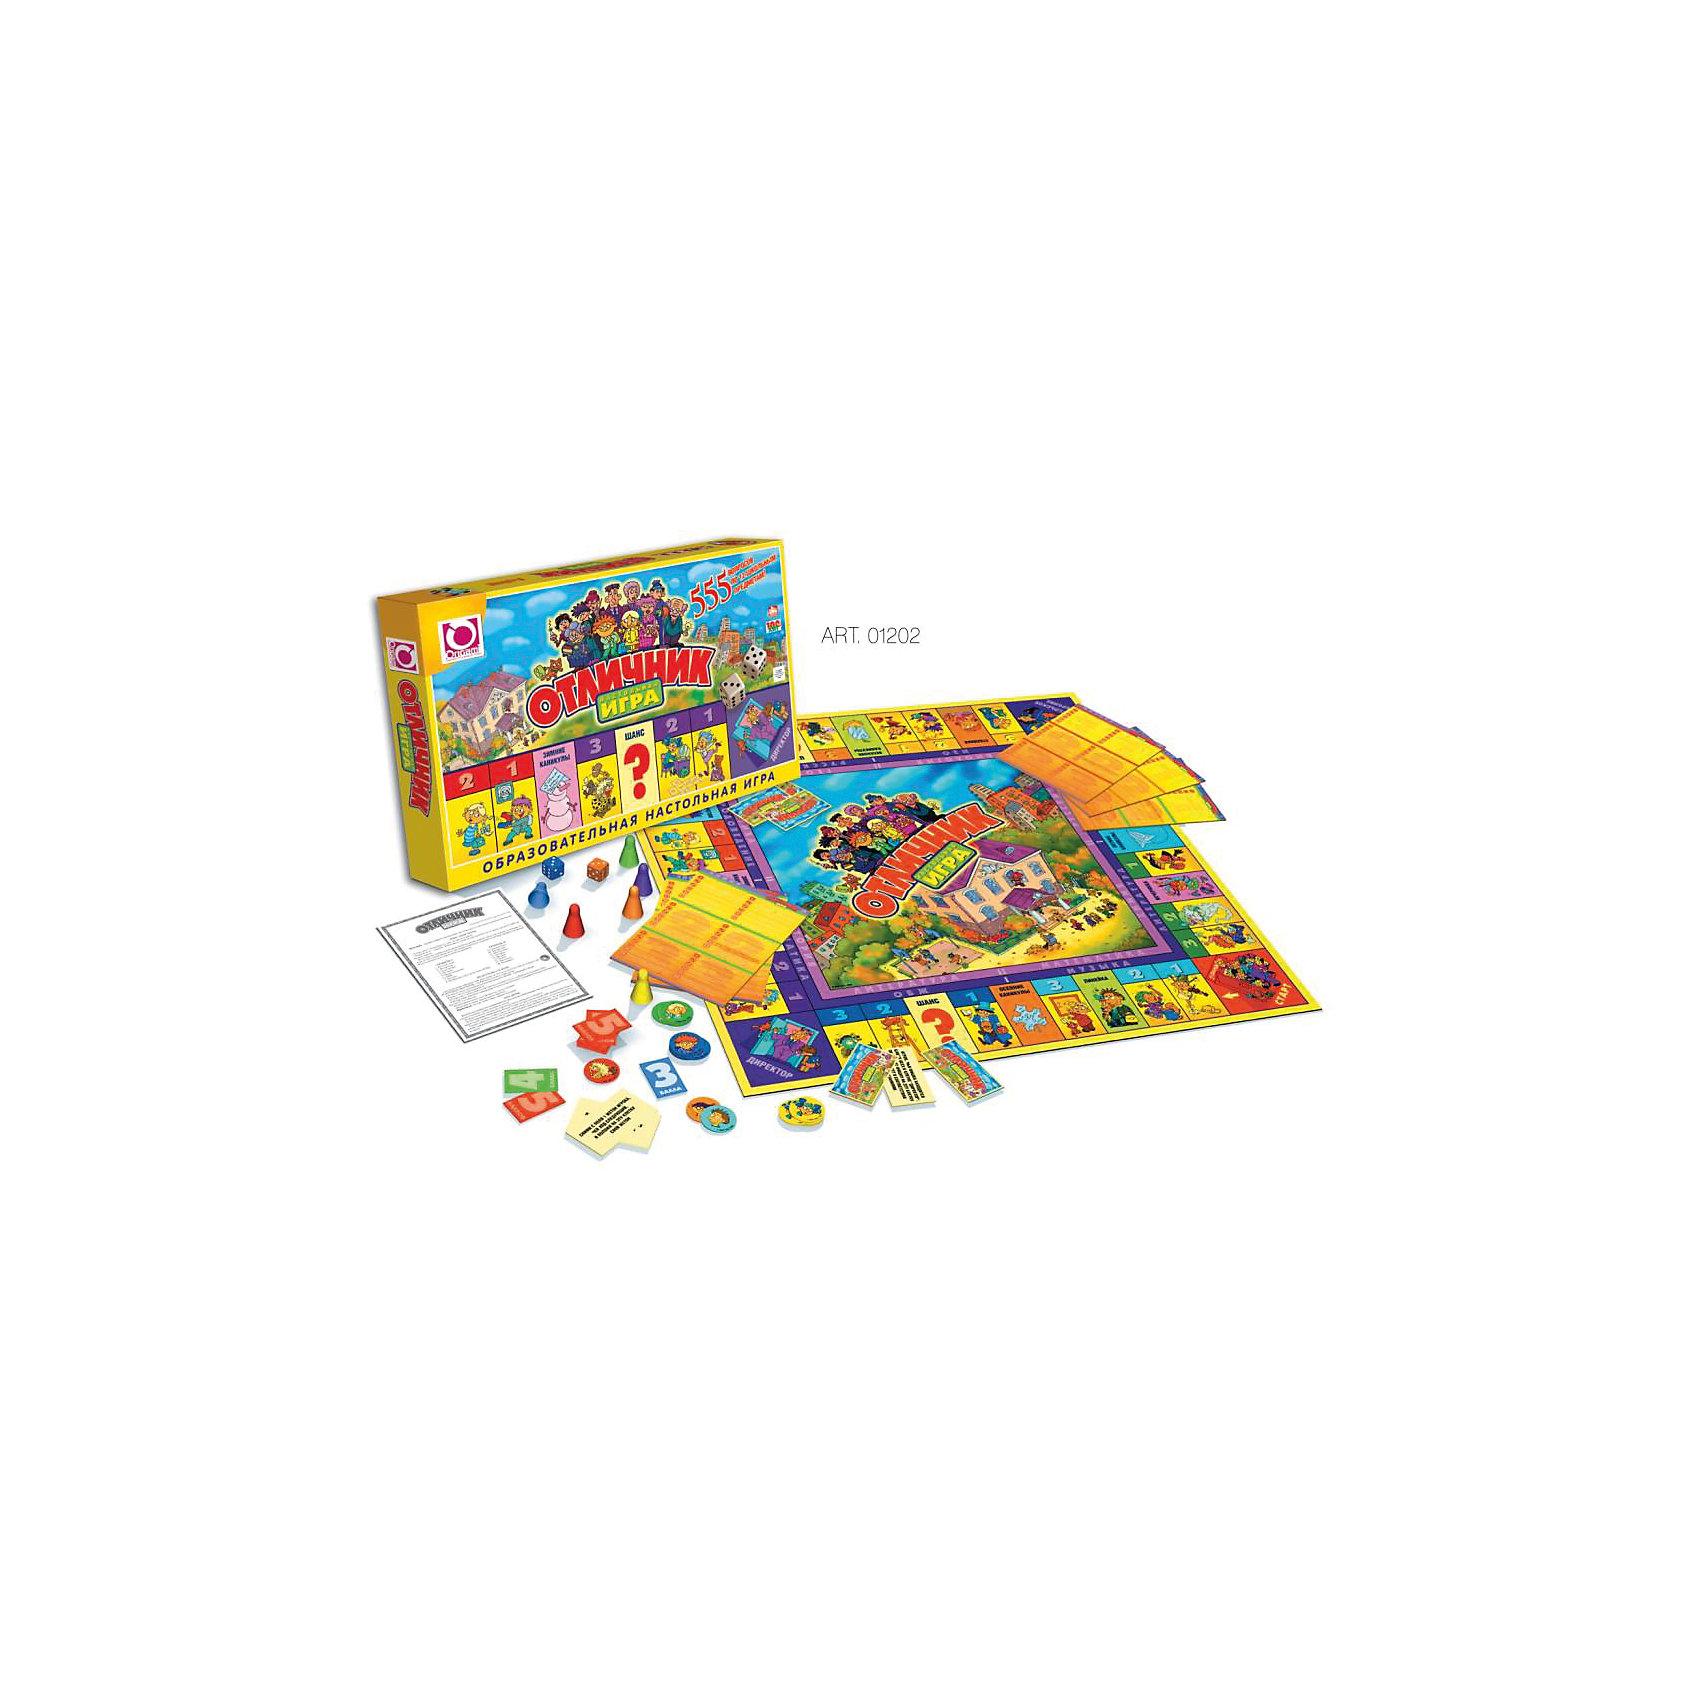 Настольная игра FunGame Отличник, OrigamiОкружающий мир<br>Характеристики:<br><br>• возраст: от 6 лет<br>• комплектация: игровое поле, 24 филиала; 12 предприятий; 20 карточек «Шанс»; 30 карточек «Фортуна»; 26 карточек «Участков»; банкноты ( 1, 5, 10, 20, 50, 100, 500 франтов по 48 шт); , акции 48 шт; страховые полисы ( 12 зеленых, 12 синих, 12 оранжевых, 12 красных); 6 фишек игроков; 2 кубика; правила игры<br>• количество игроков: от 2 до 6 человек<br>• средняя продолжительность игры: 90 минут<br>• размер игрового поля: 48х48 см.<br>• размер банкноты: 10х5 см.<br>• материал: картон, пластик<br>• упаковка: картонная коробка<br>• размер упаковки: 25,5х39х4,4 см.<br>• вес: 562 гр.<br><br>Экономическая игра - отличная возможность научиться разбираться в мире бизнеса, завоёвывать доверие клиента своими личными качествами. Играя, ребёнок получает возможность пройти путь от менеджера до генерального директора компании.<br><br>Игра «Миллионер Элит» отличается от классической версии игры дополнительной комплектацией: впервые к традиционному набору – игровое поле, фишки, кубики, предприятия с филиалами, банкноты и различные карточки событий – добавились Акции и Страховые полисы на все случаи жизни. <br><br>Теперь пополнение банковского счета игрока зависит не только от удачной купли-продажи имущества, но и от непредсказуемого «поведения» акций на рынке ценных бумаг. Игра развивает логическое и экономическое мышление, обучает основам экономики, повышает общий интеллектуальный уровень.<br><br>Настольную игру FunGame Миллионер-элит, Origami (Оригами) можно купить в нашем интернет-магазине.<br><br>Ширина мм: 46<br>Глубина мм: 390<br>Высота мм: 255<br>Вес г: 550<br>Возраст от месяцев: 72<br>Возраст до месяцев: 2147483647<br>Пол: Унисекс<br>Возраст: Детский<br>SKU: 6845960